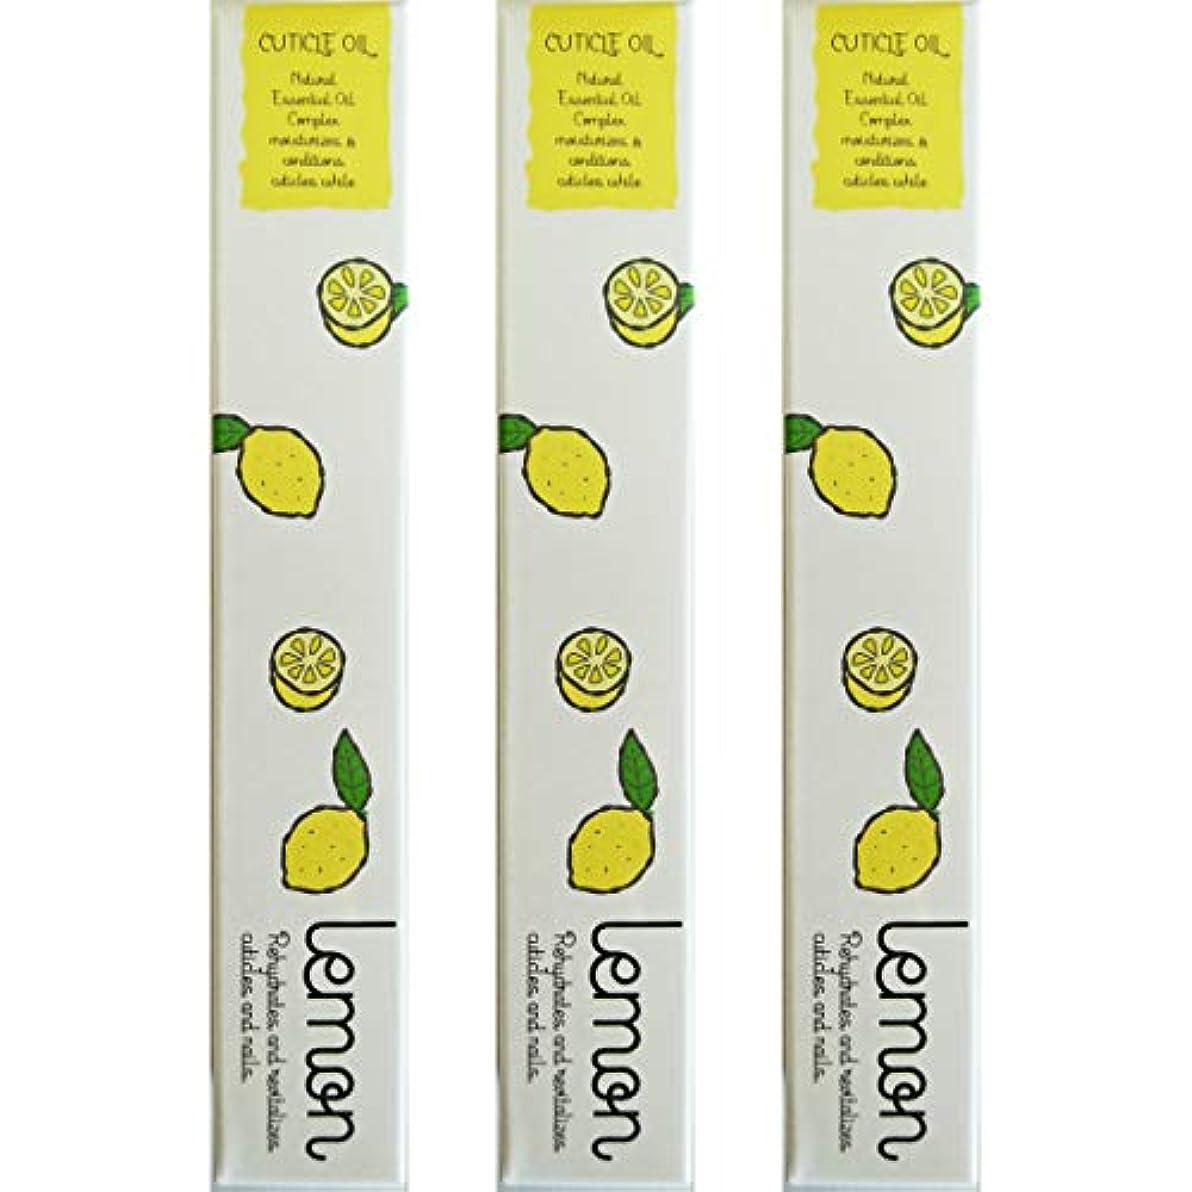 富ランクハプニングネイルオイル キューティクルオイル ペンタイプ 3本 (レモン)